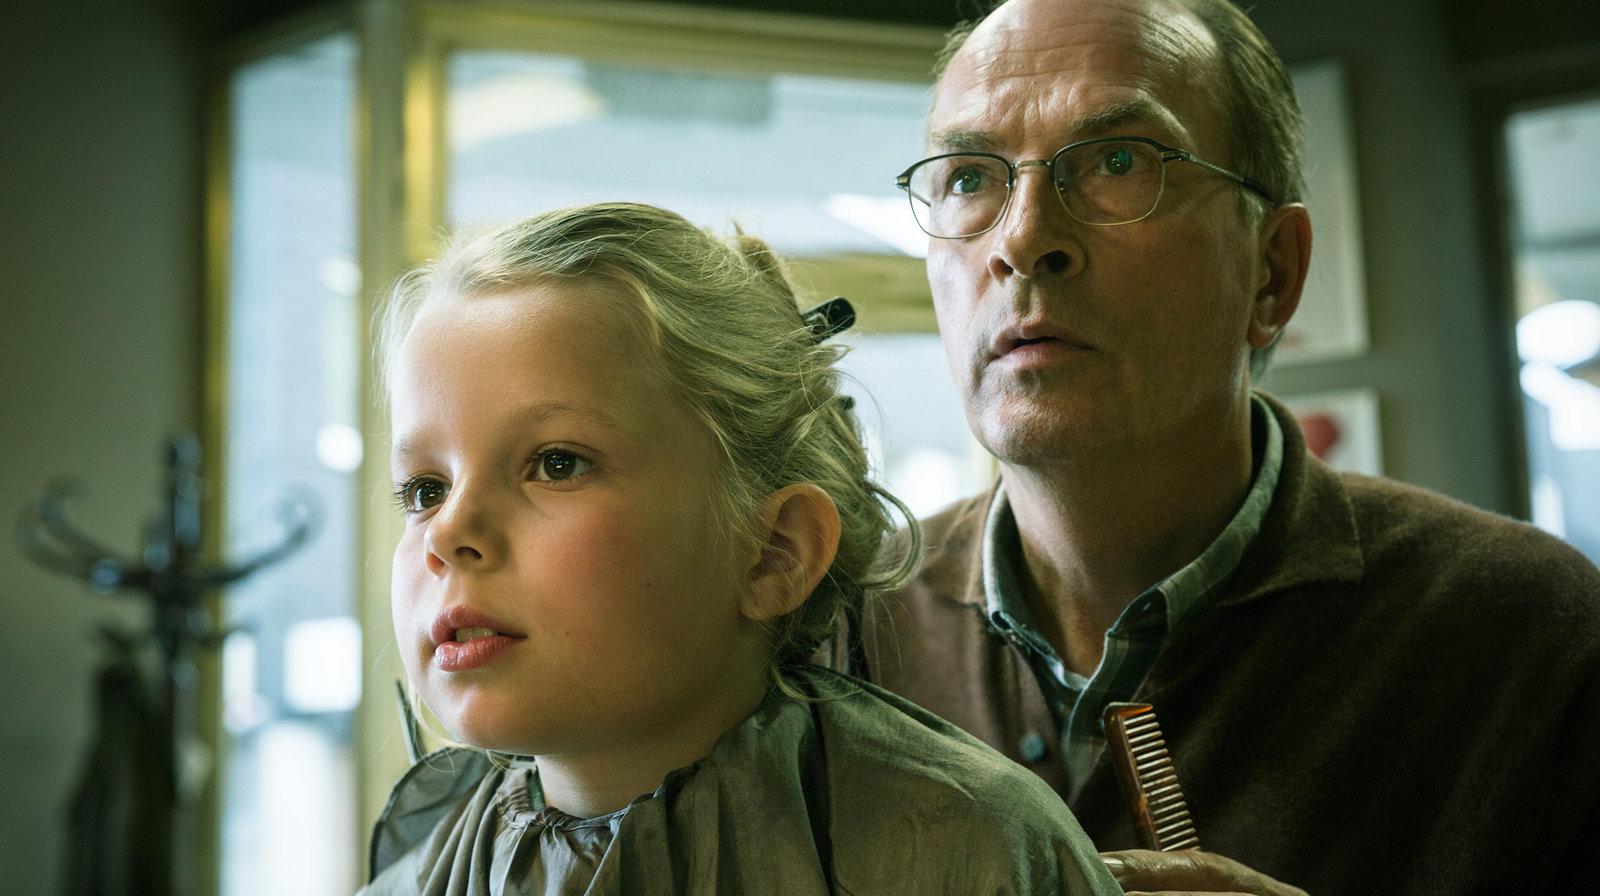 Karl Holzer (Herbert Knaup) ist entsetzt, welche Lieder seine kleine Enkelin Nora (Eve Marie Gleißner) singt. – Bild: WDR/Thomas Kost